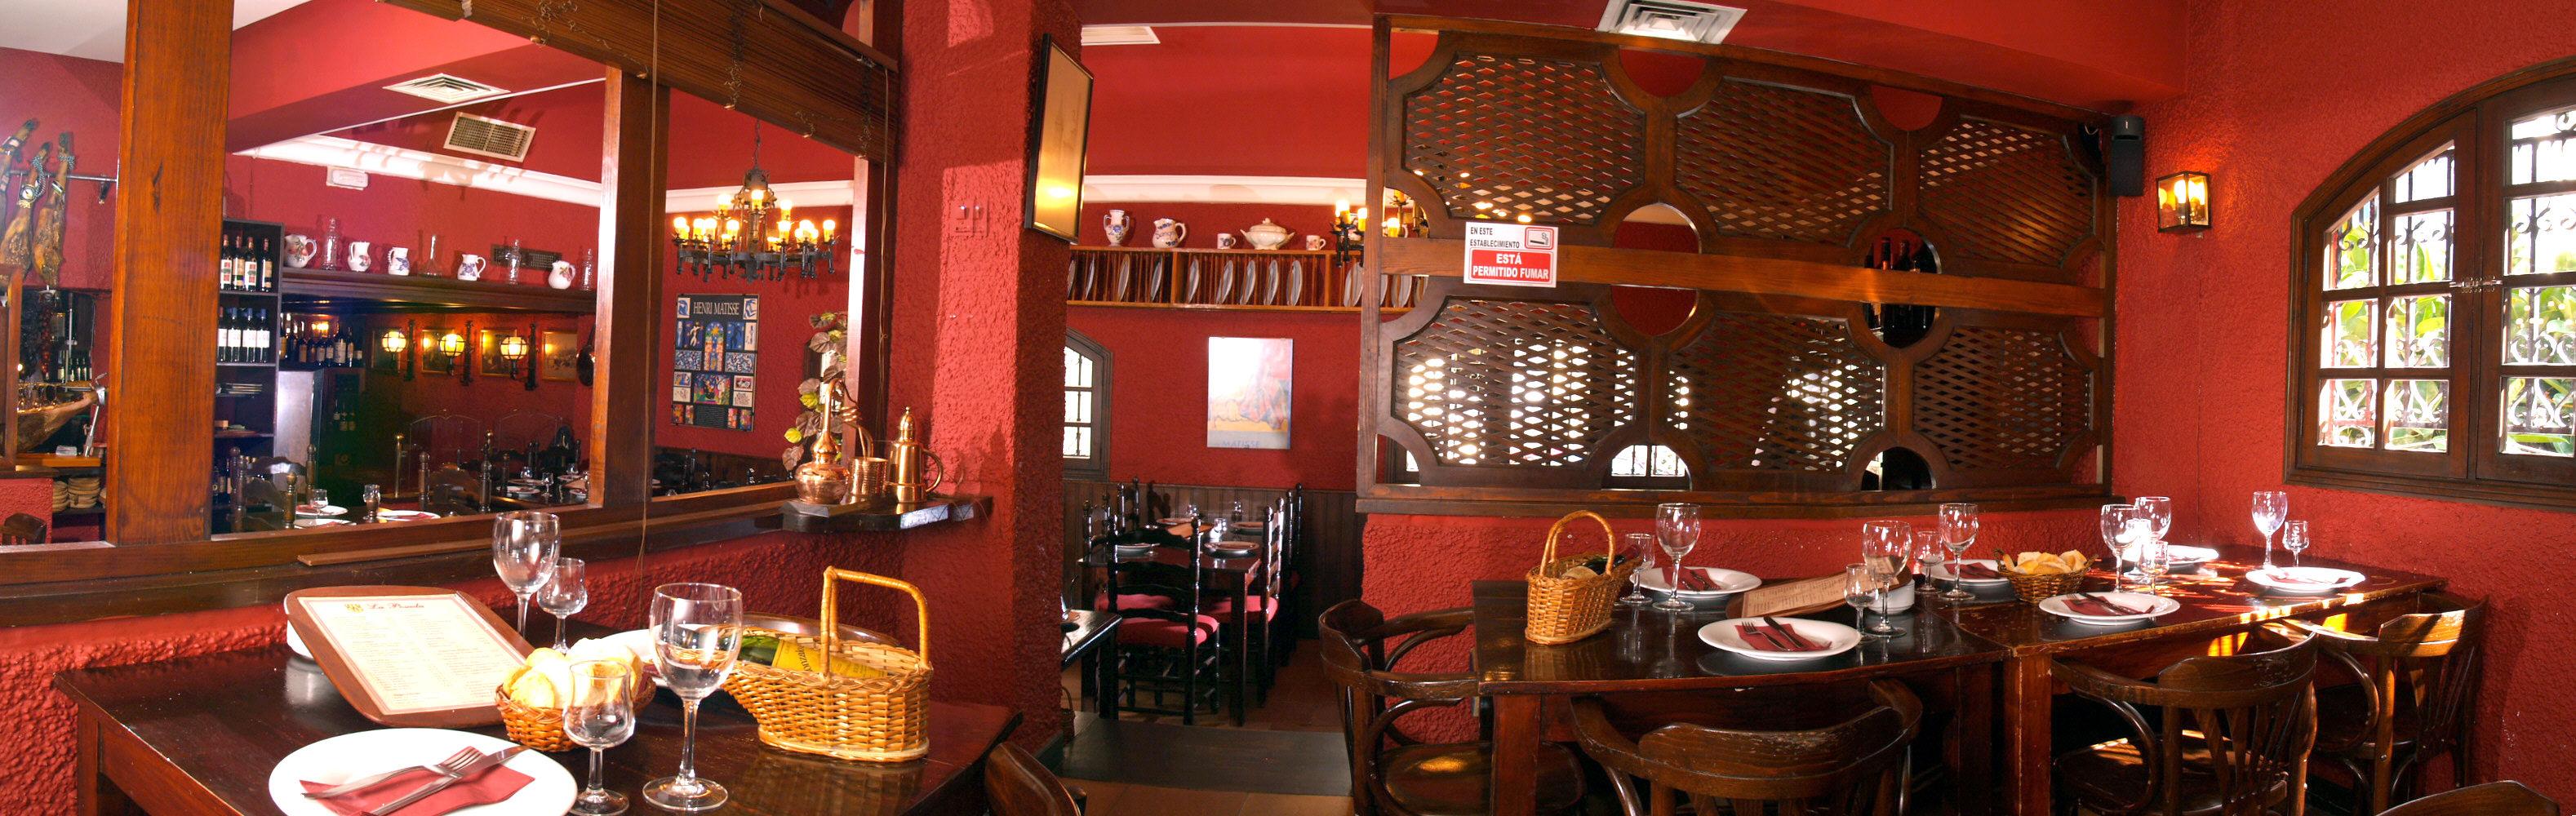 Foto 6 de Cocina asturiana en Santa Cruz de Tenerife | La Posada